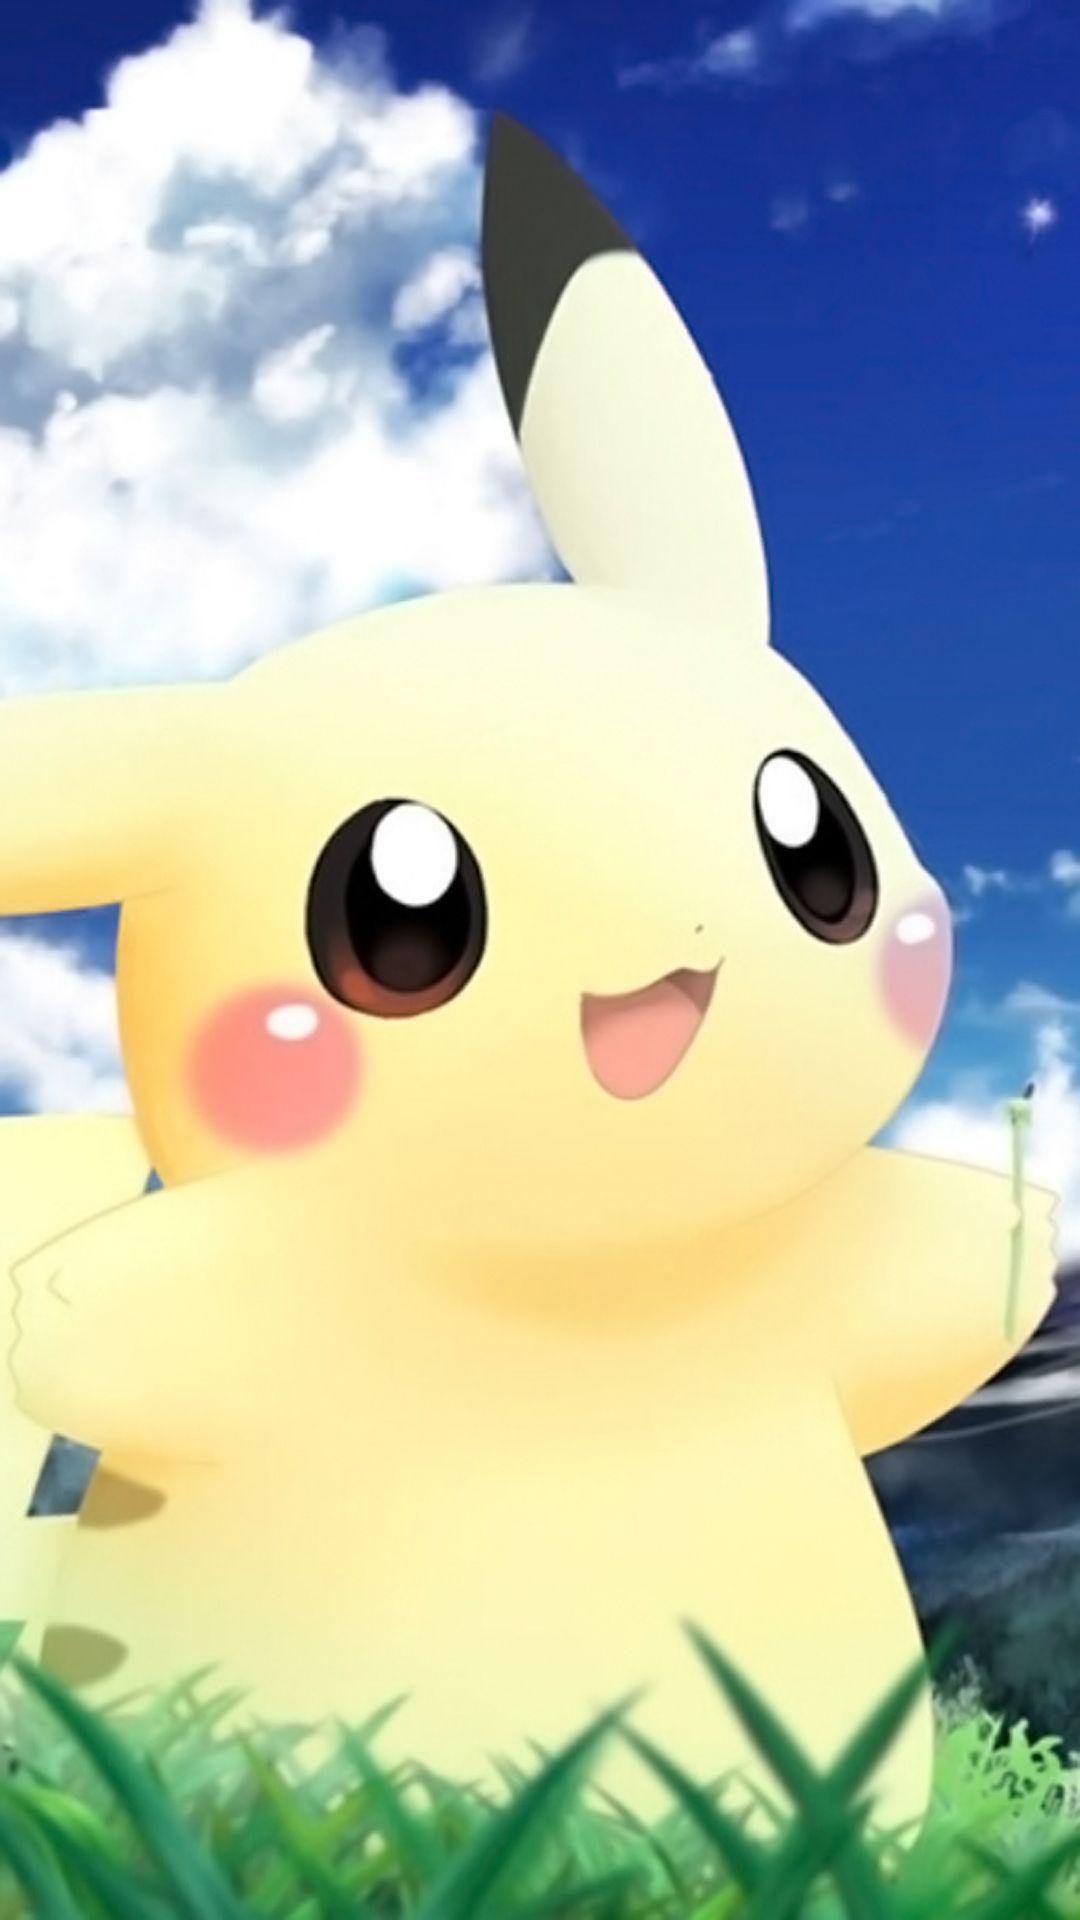 Pikachu HD Wallpaper - WallpaperSafari